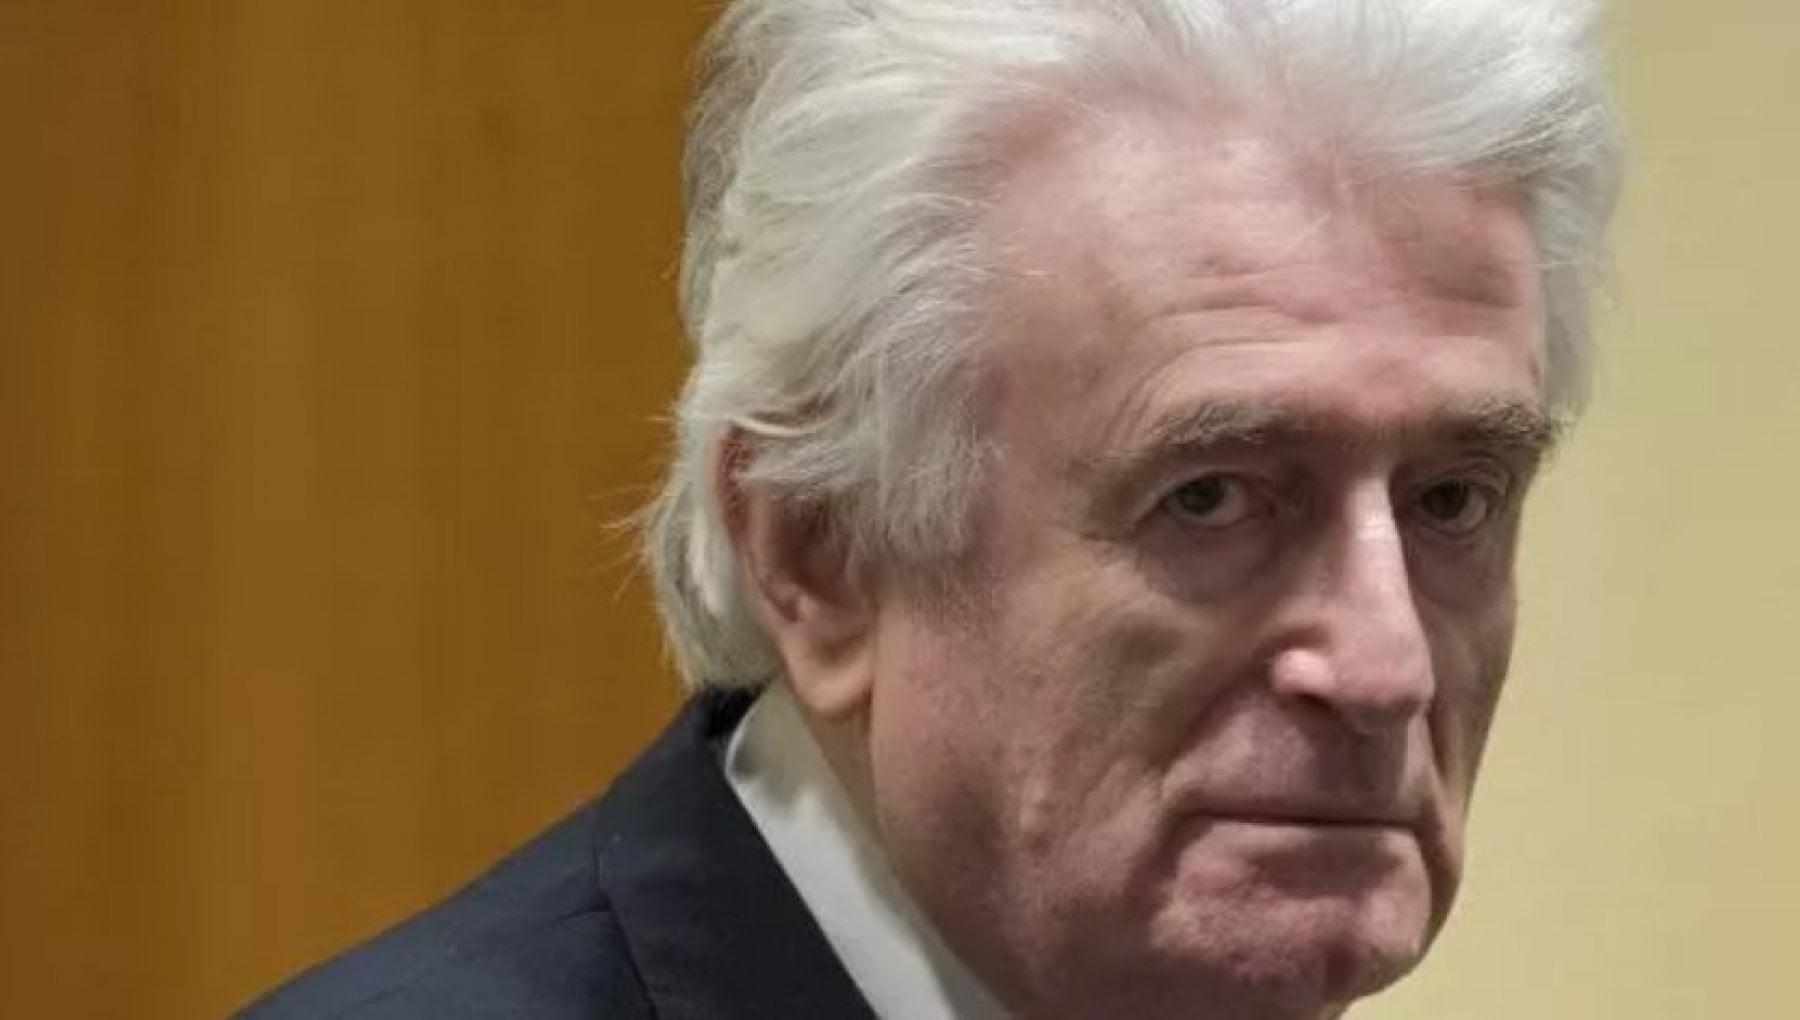 114457955 0ebfc2fa 79bc 4b33 8632 8b59c9c0f61a - Karadzic, il boia di Srebrenica, trasferito sull'isola di Wight